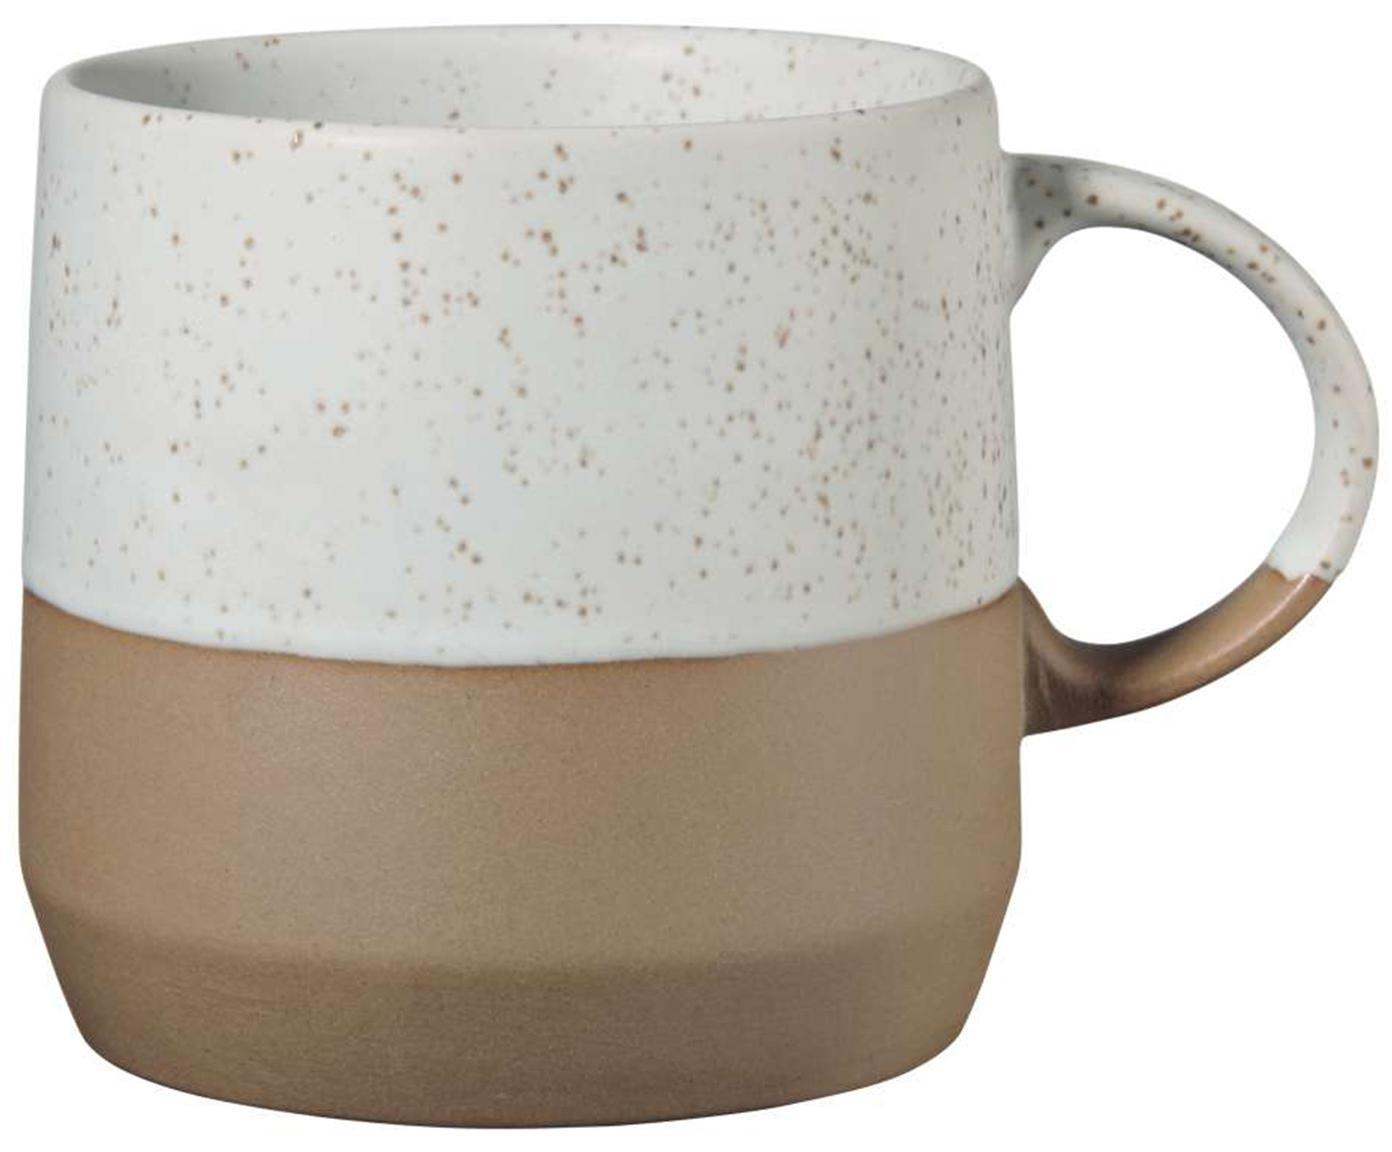 Tassen Caja in Braun/Beige matt, 2 Stück, Terrakotta, Braun- und Beigetöne, Ø 9 x H 9 cm